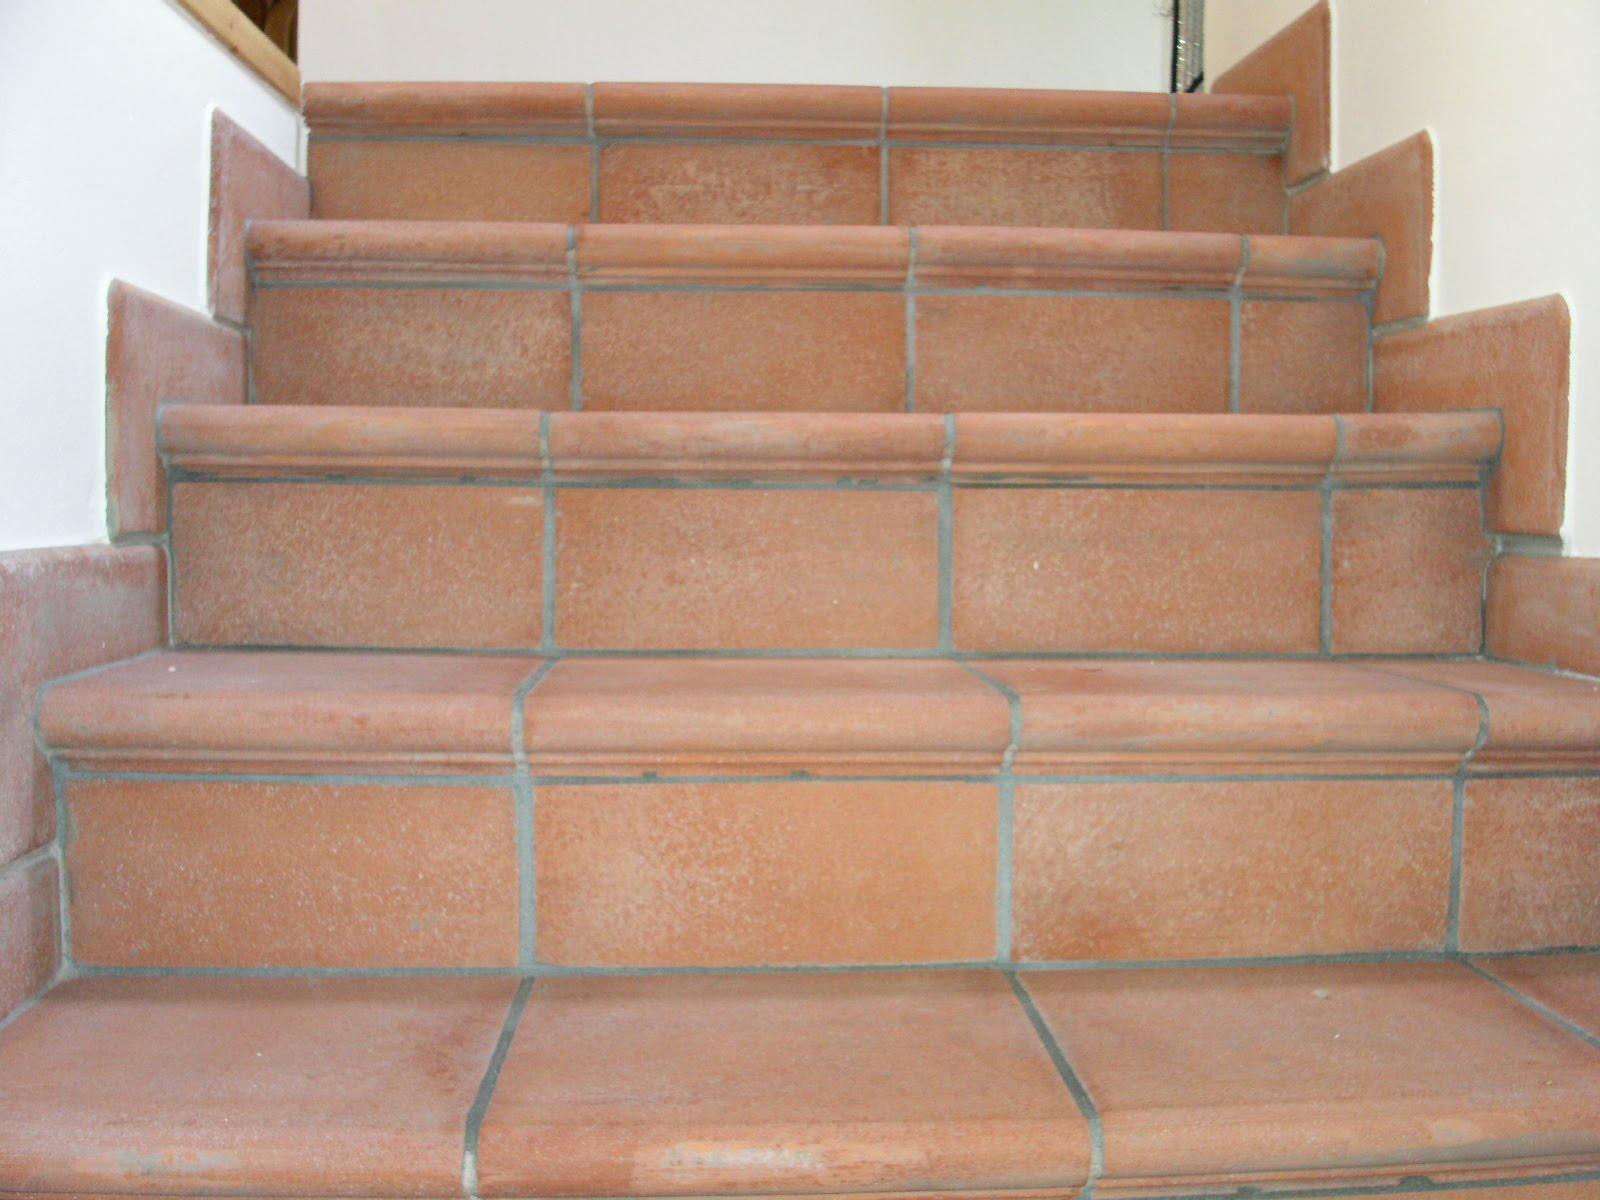 Fratelli bigucci pavimenti in cotto e scale - Scale da esterno in muratura ...